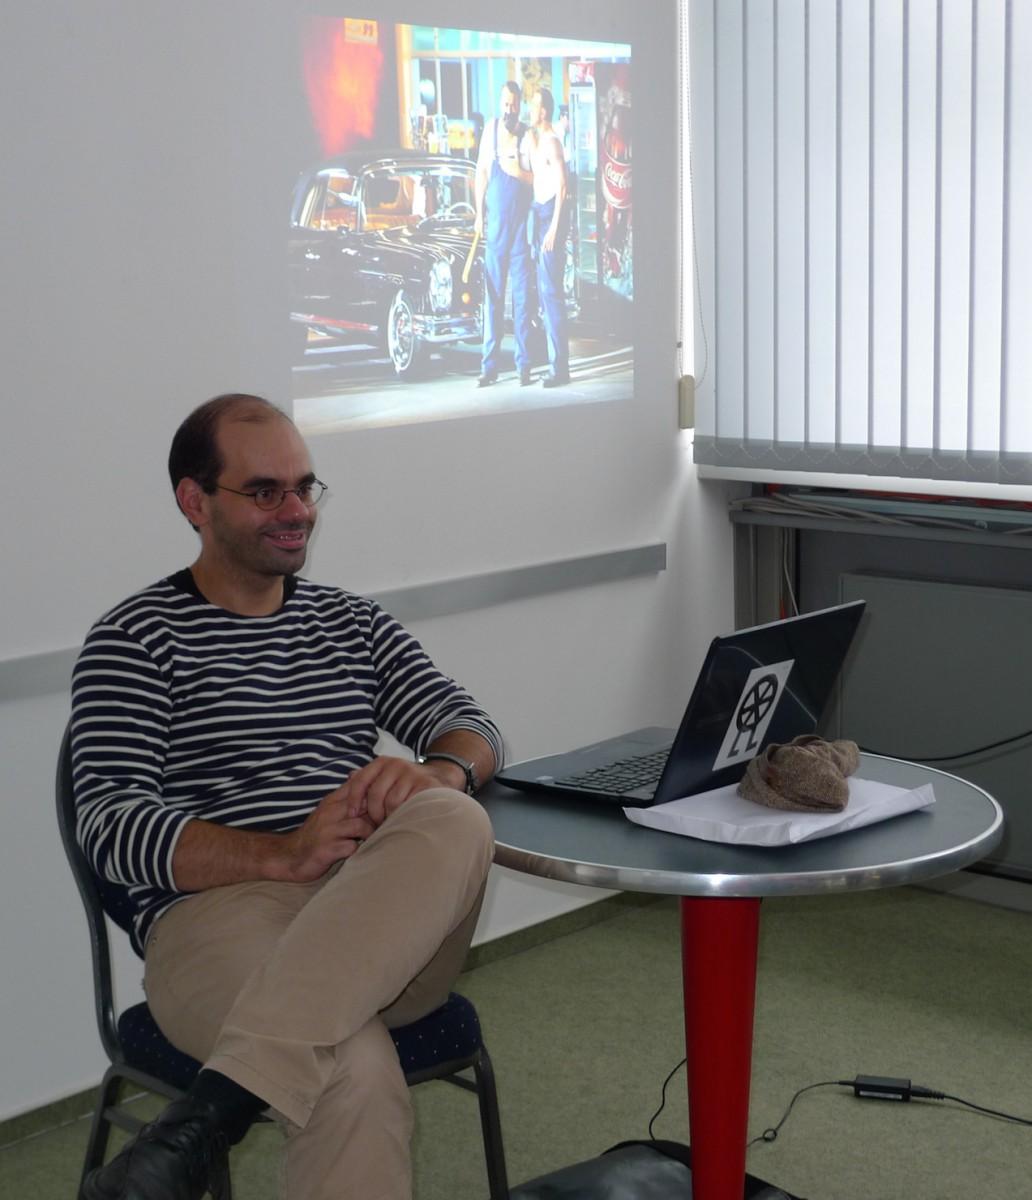 """Erzählt gern und gut von der Arbeit im """"Ring"""": Patric Seibert beim Regiegespräch bei TAFF. (Foto: ek)"""